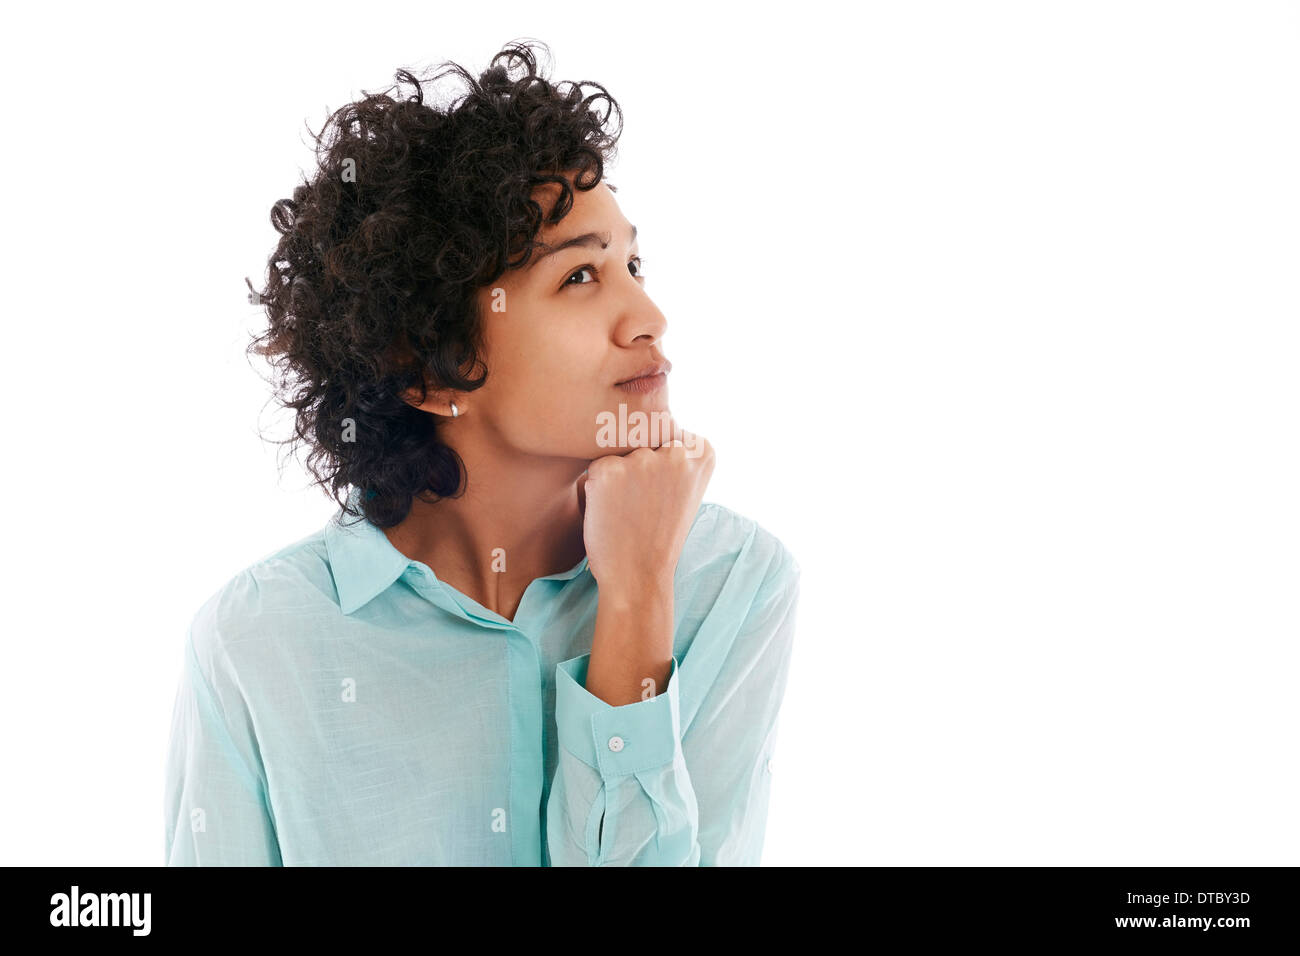 Retrato de confusa e incierta la empresaria hispana sobre fondo blanco. Imagen De Stock